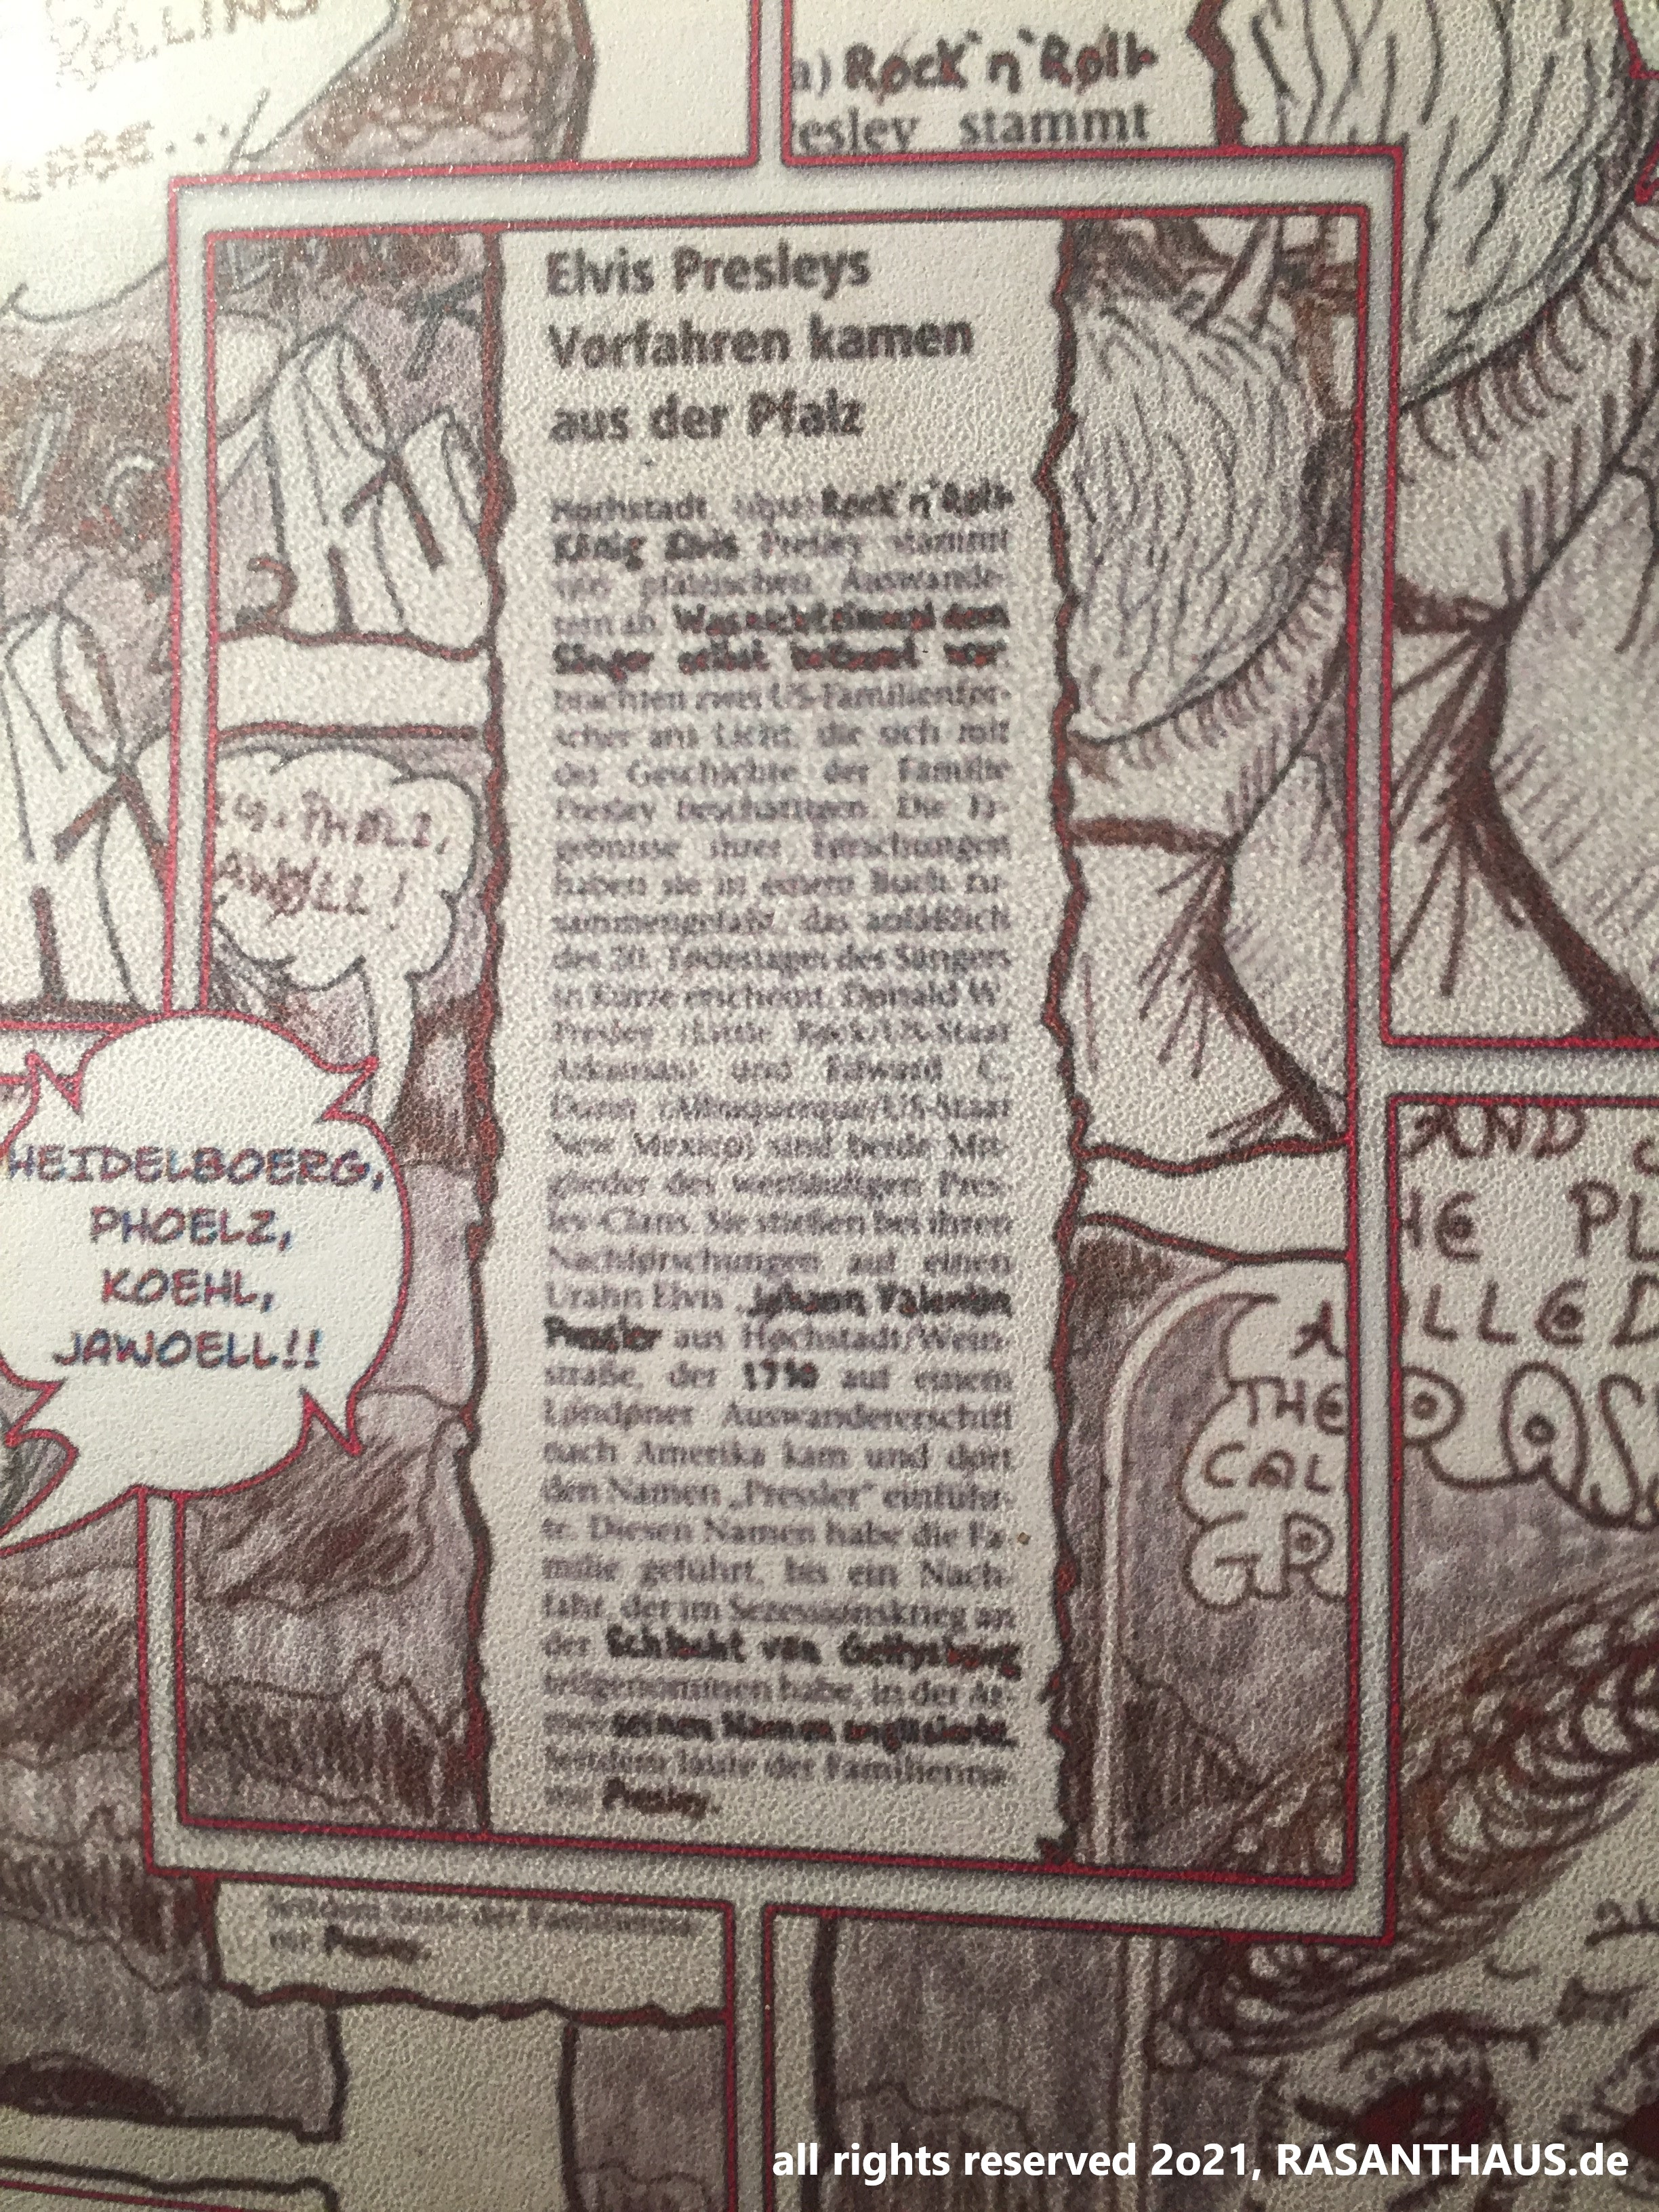 ein Zeitungsartikel, der über Elivs Vorfahren aus der Oberpfalz berichtet, umrahmt in Kosakes Bilderzählung 'Grassland'